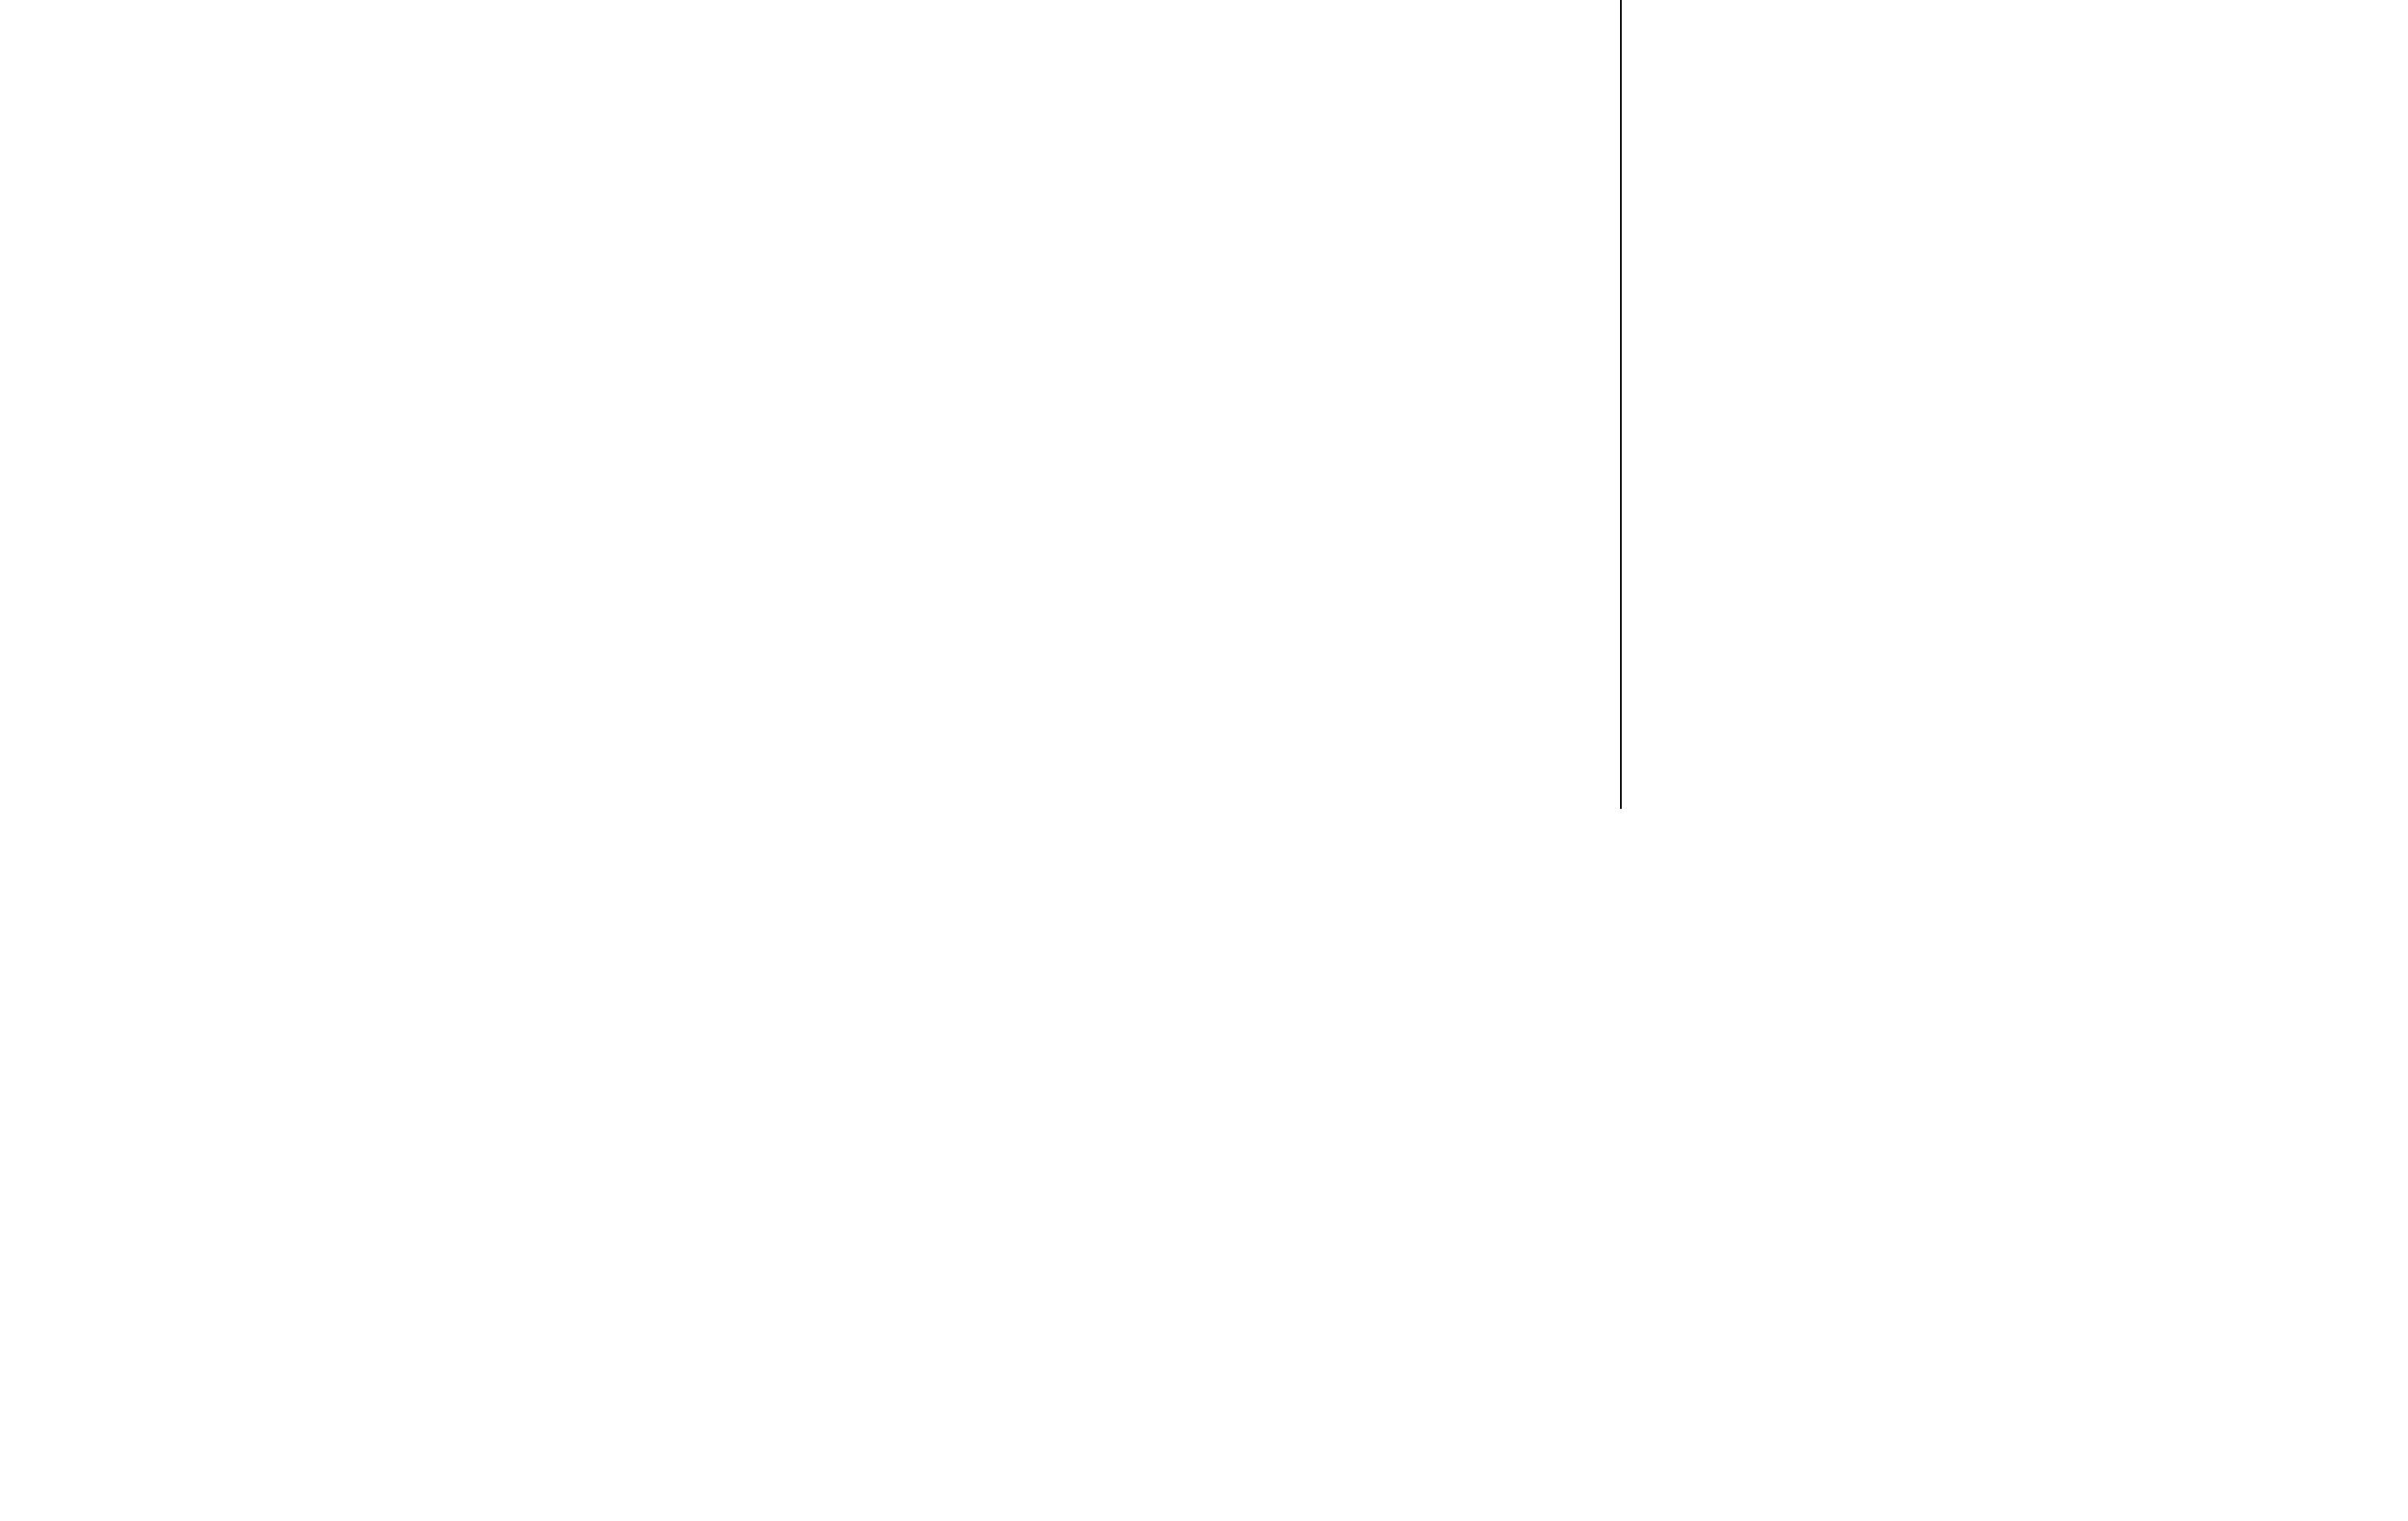 Dental_Dentures_White